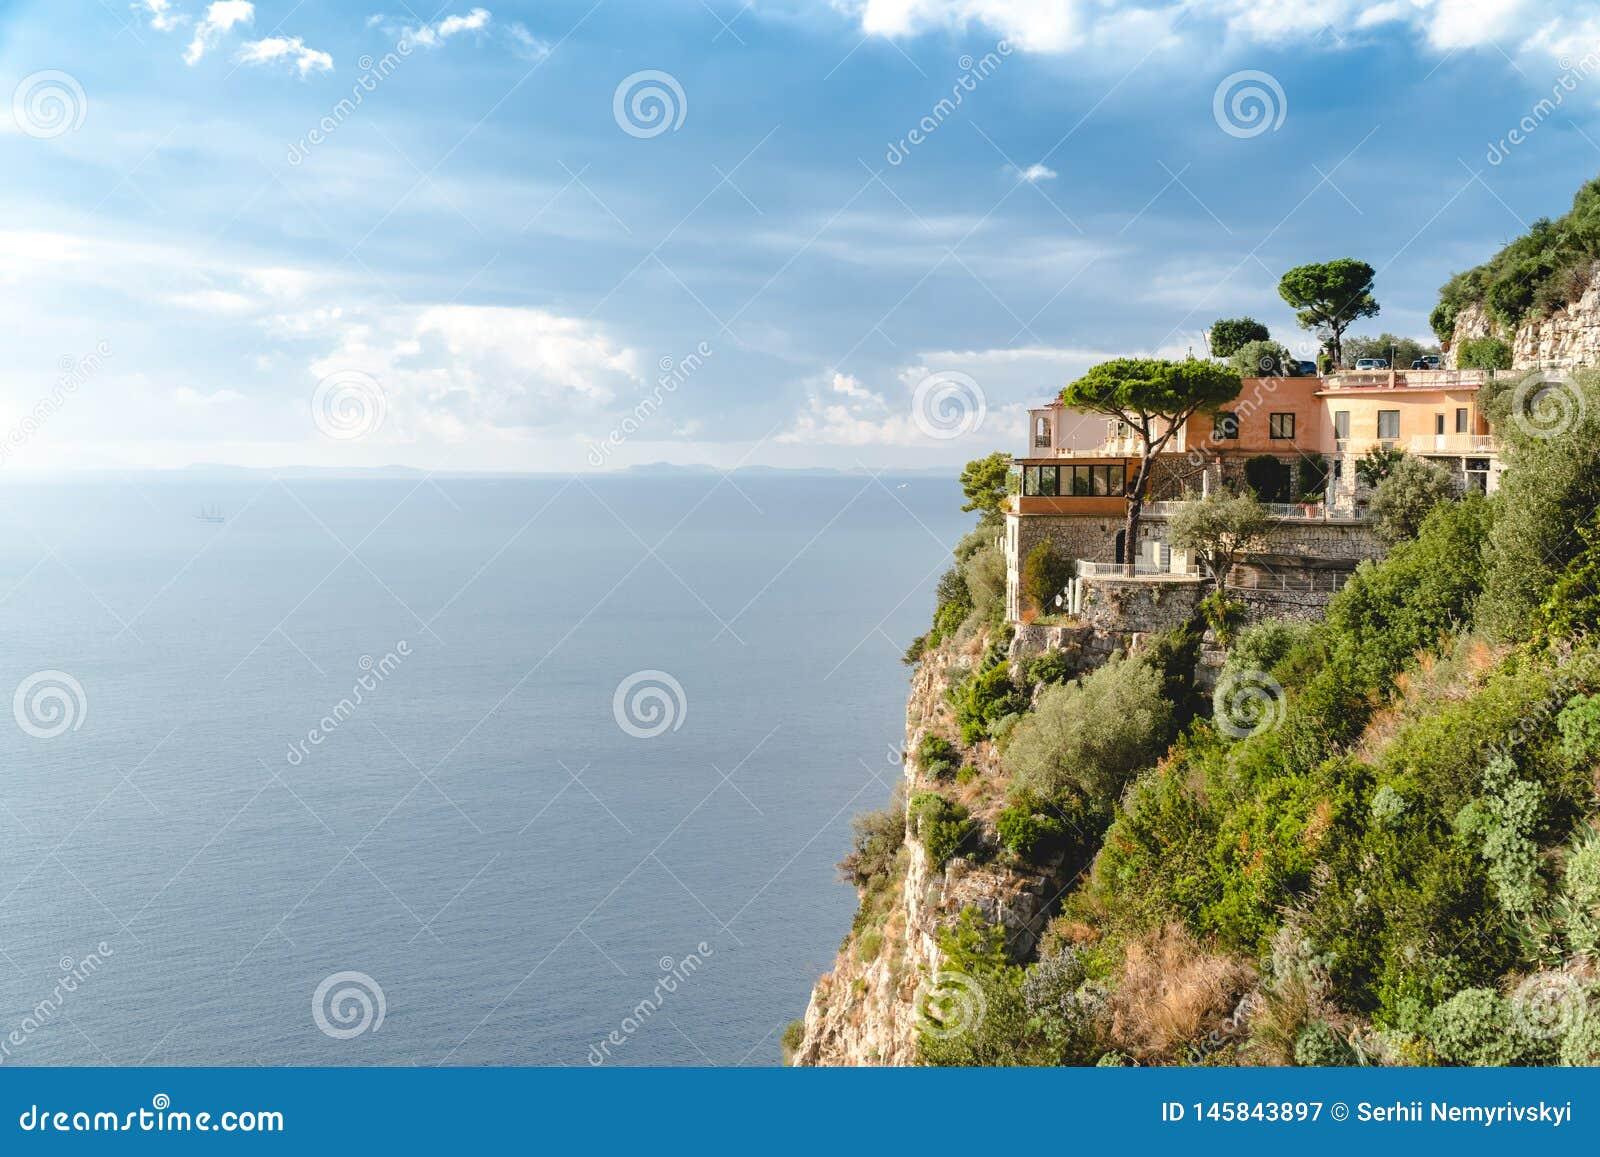 H?tel ? Paradise, belle vue panoramique sur la baie rocheuse au jour ensoleill?, voyage vers l Europe, visite de voyage de vacanc